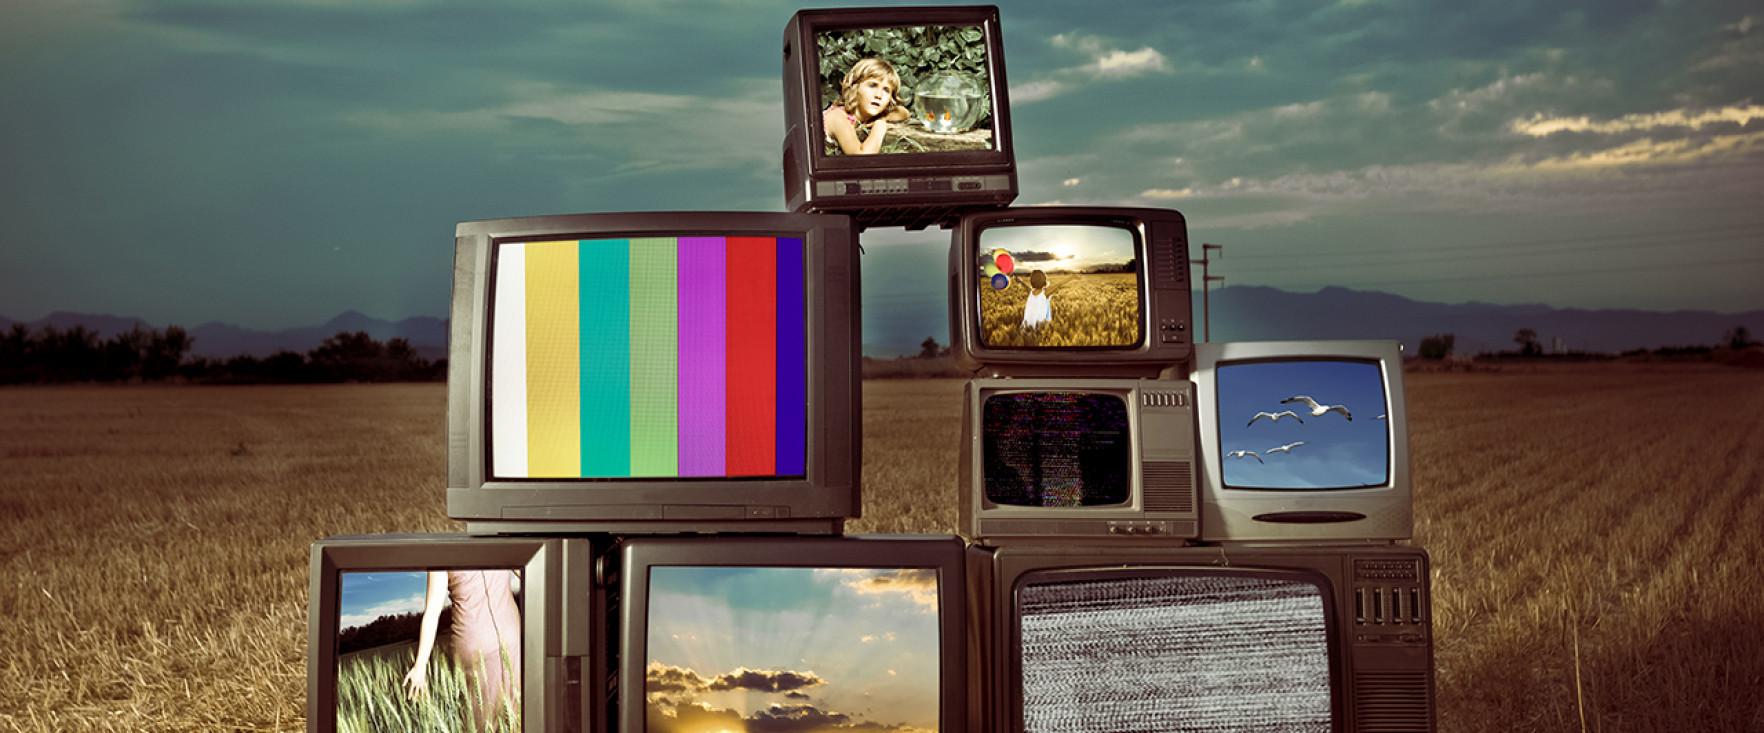 Bagaimana Mengetahui Harga untuk Digital Content Anda